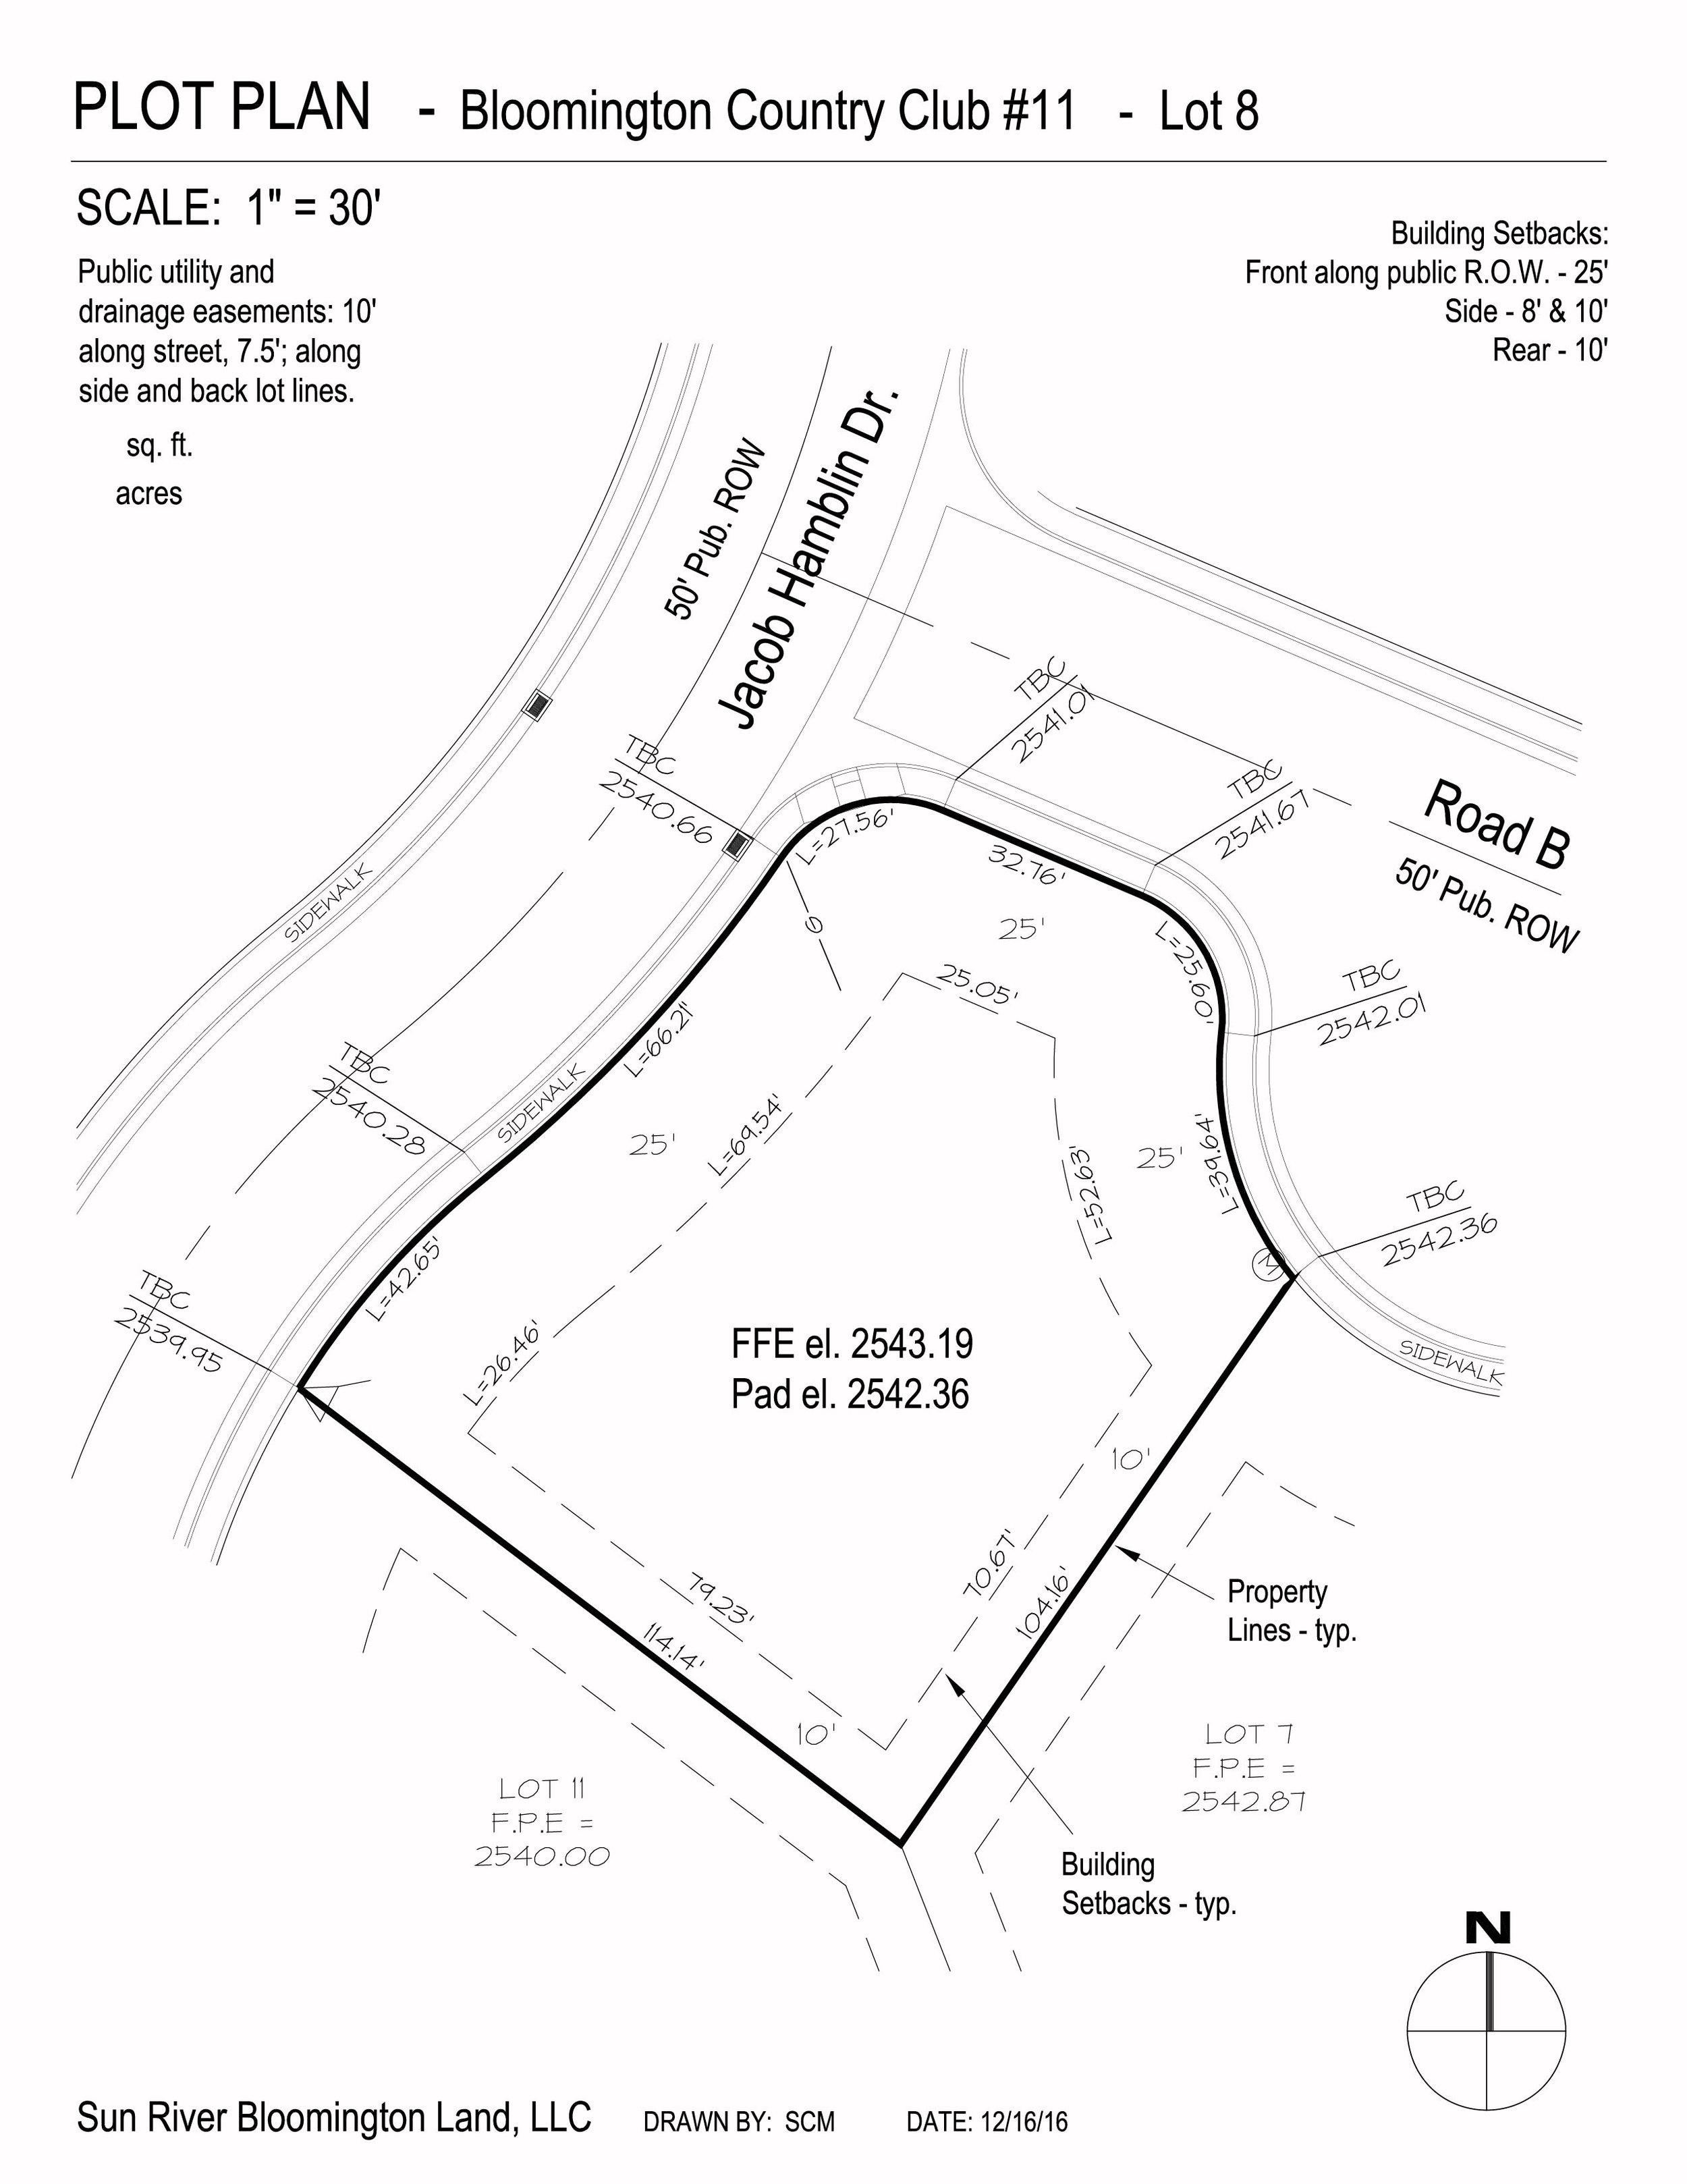 hamblin plot plans-08.jpg